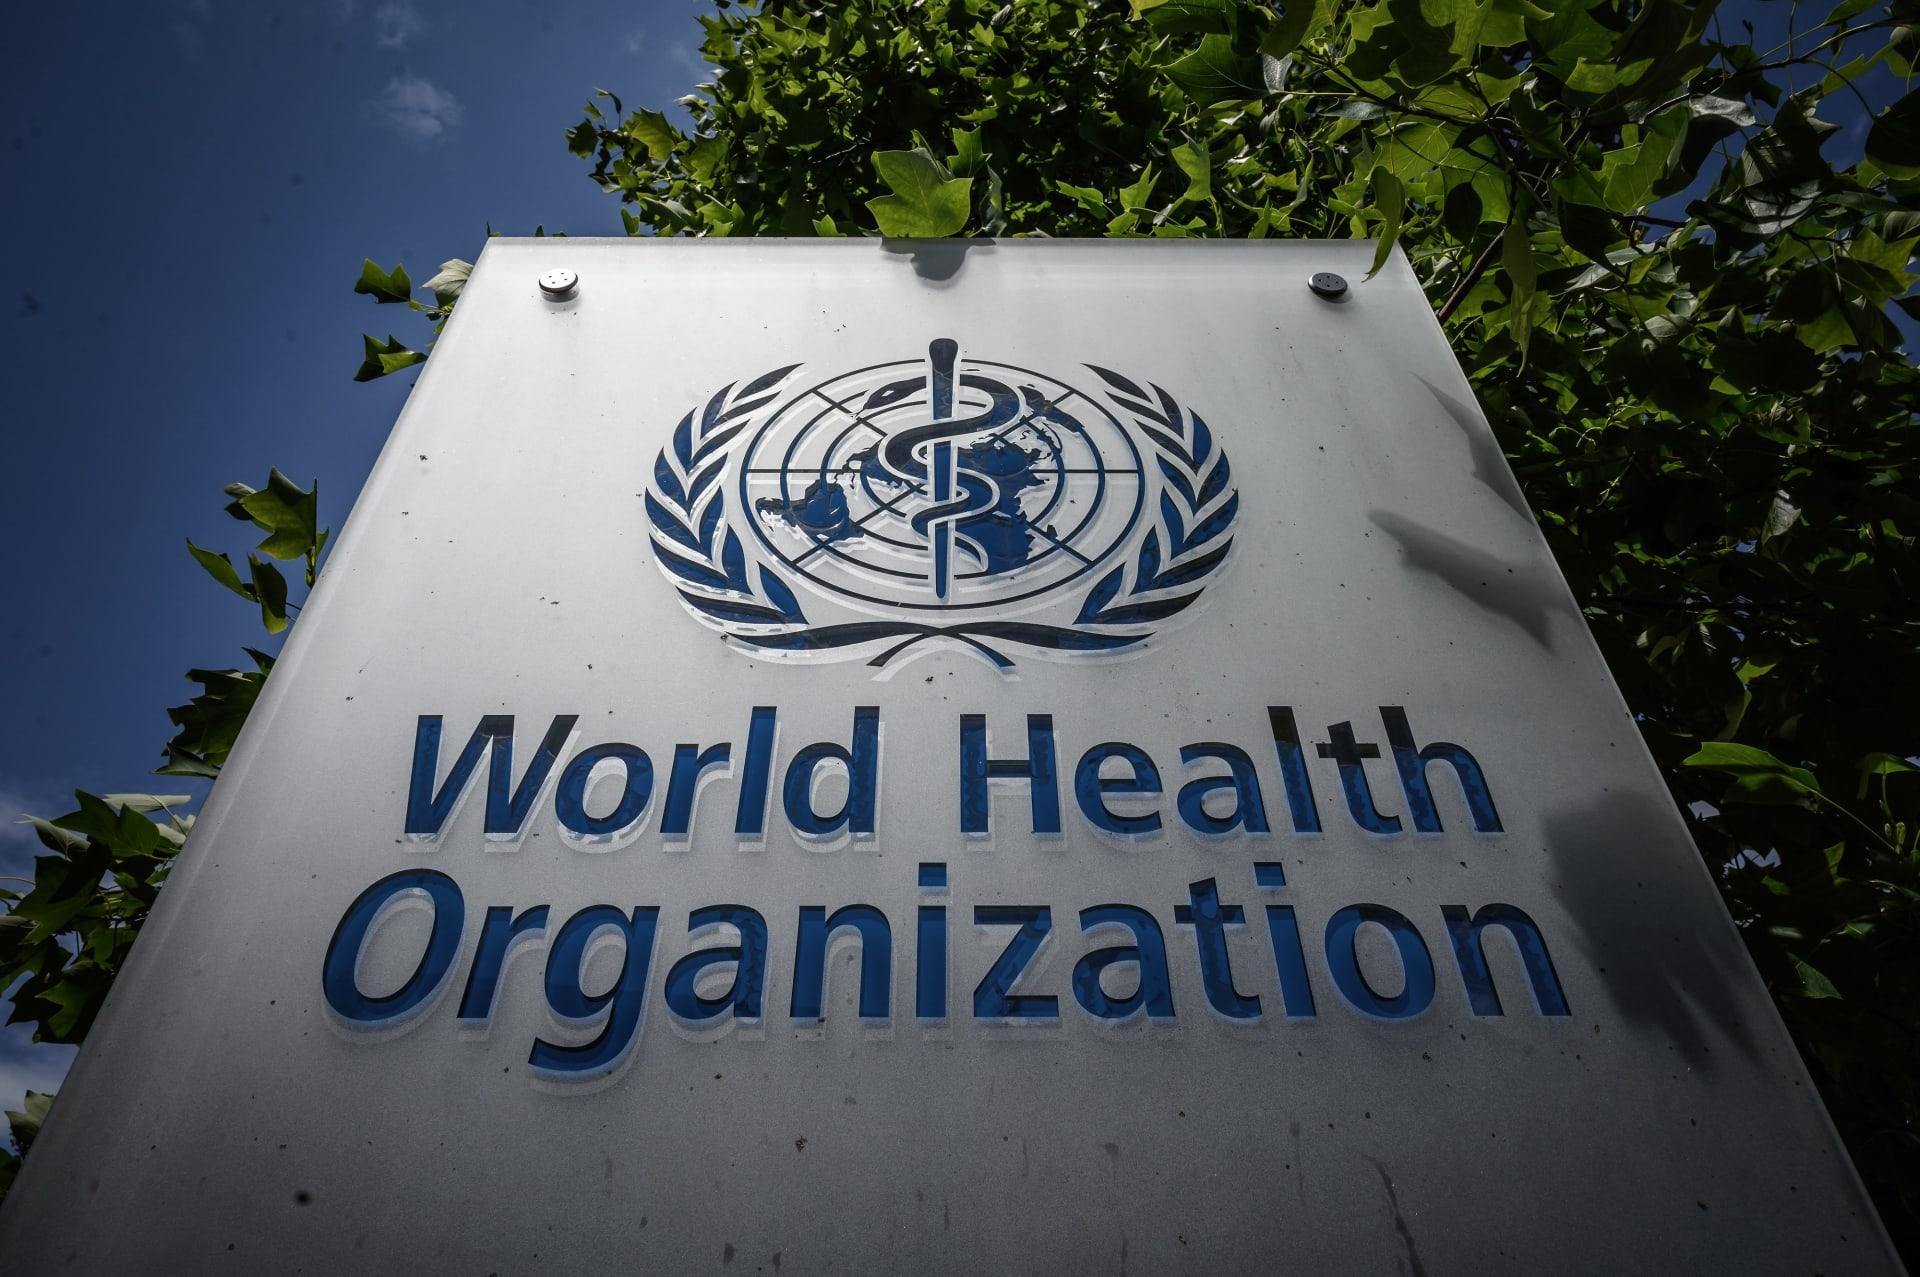 منظمات تدين انتخاب النظام السوري لعضوية المجلس التنفيذي لمنظمة الصحة العالمية